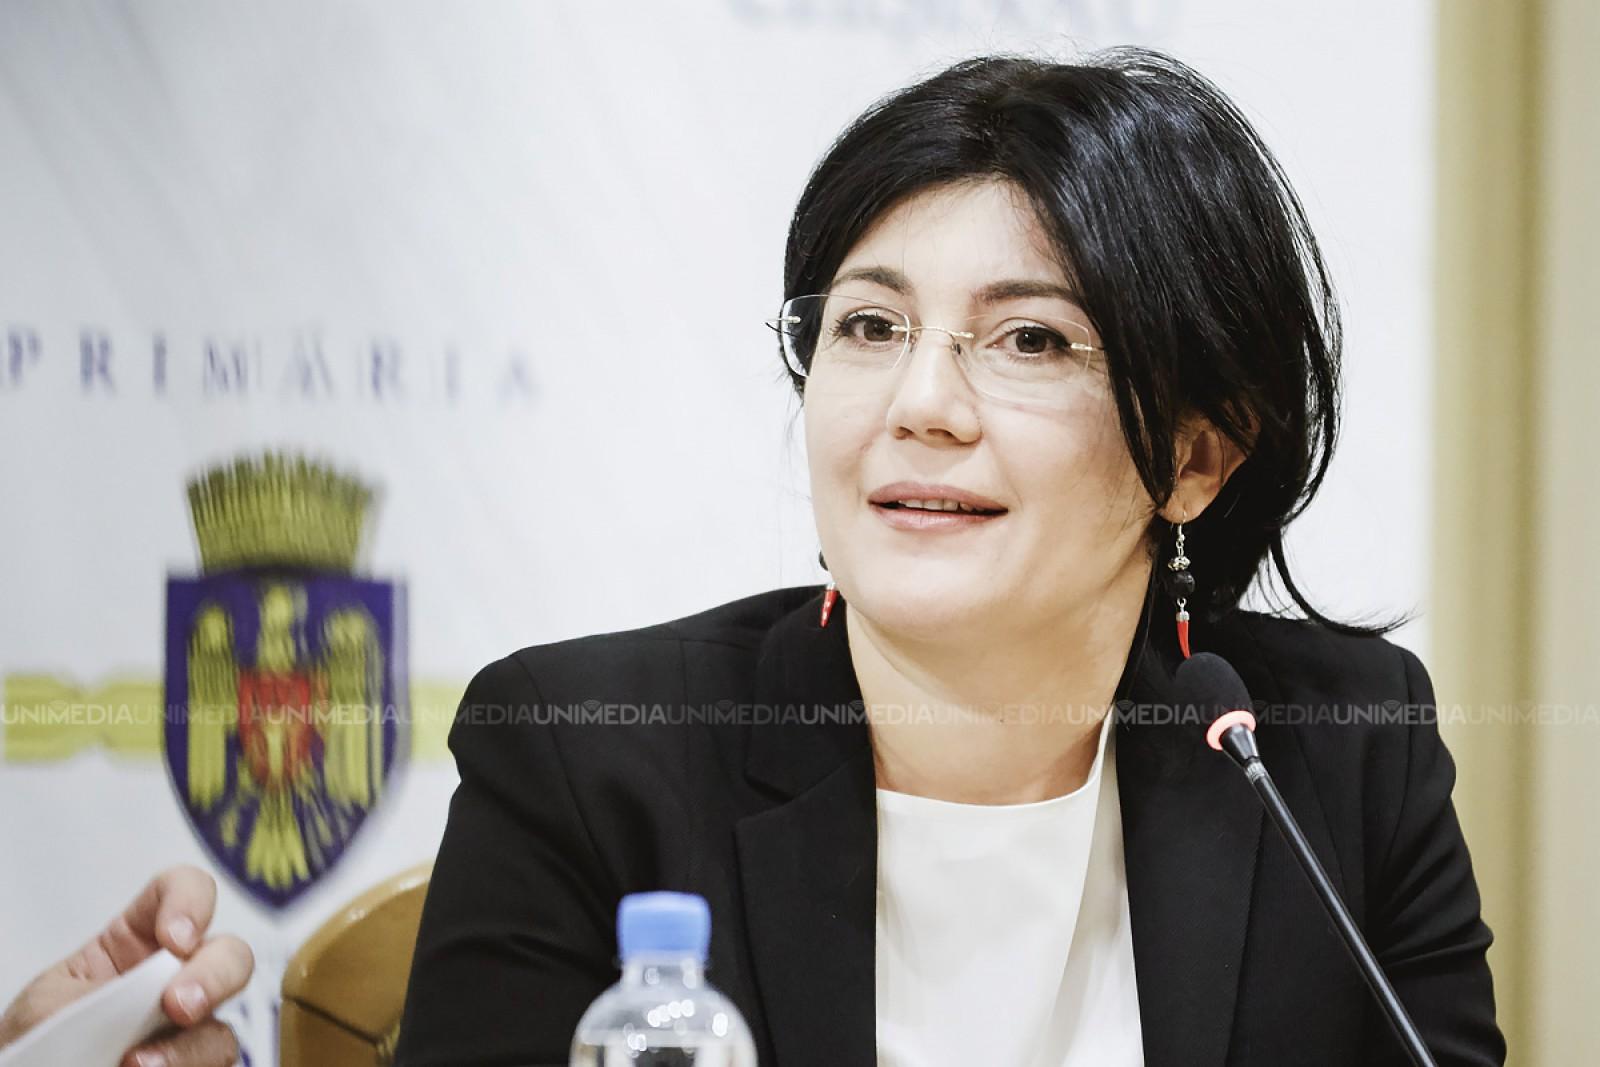 """Silvia Radu: """"Vreau să candidez, însă decizia depinde de câțiva factori principali"""""""